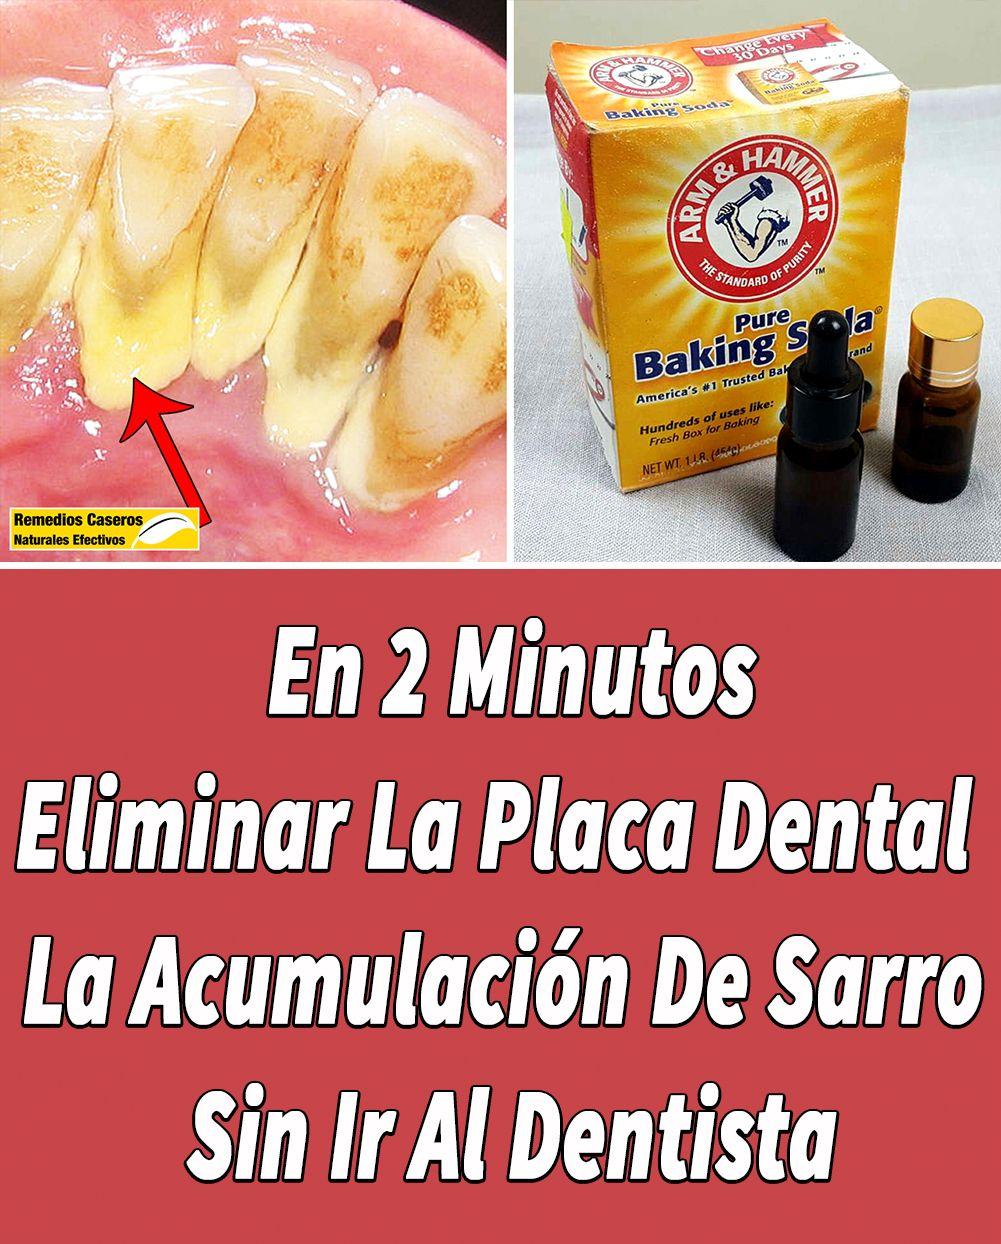 En 2 Minutos Eliminar La Placa Dental Y La Acumulación De Sarro Sin Ir Al Dentista Placas Dentales Enjuague Bucal Casero Blanqueamiento Dental Casero